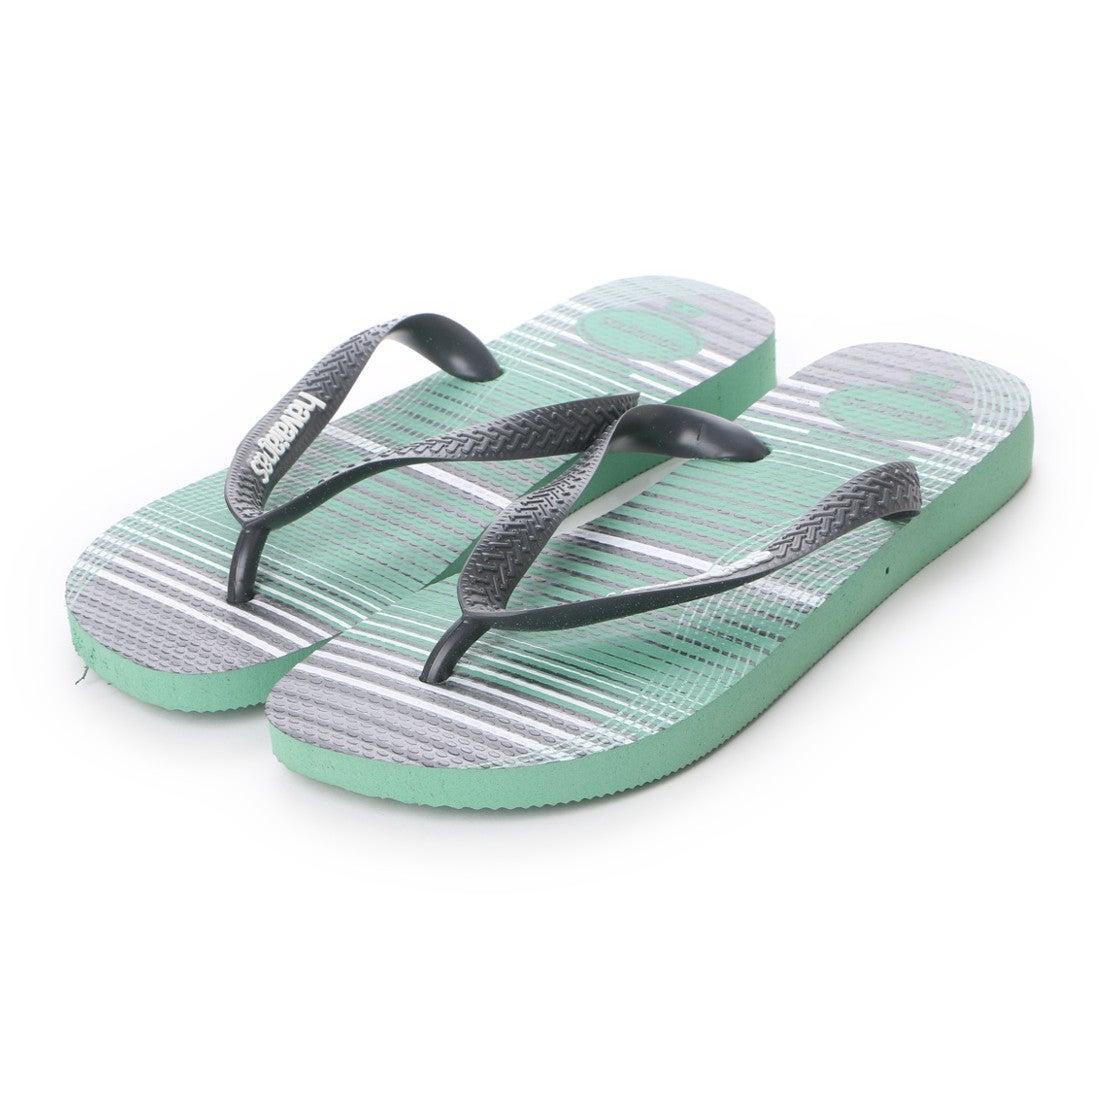 【SALE 50%OFF】ハワイアナス havaianas サンダル TREND 4103358 グリーン 0056 (グリーン) メンズ